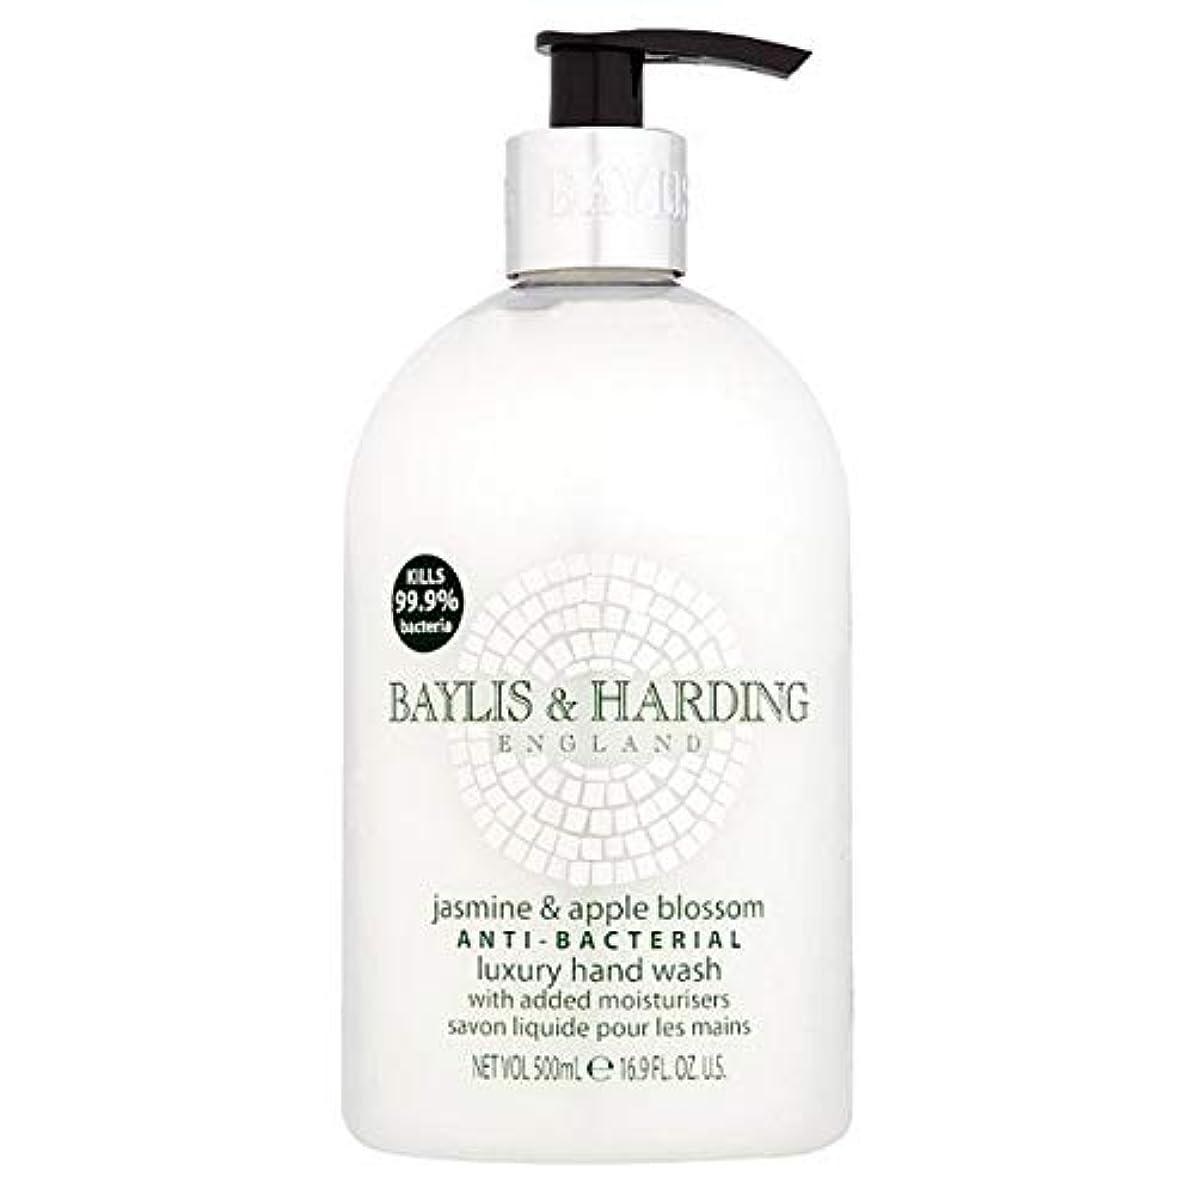 芸術怒って谷[Baylis & Harding ] ベイリス&ハーディング署名抗菌手洗い用500ミリリットル - Baylis & Harding Signature Antibacterial Hand Wash 500ml [並行輸入品]